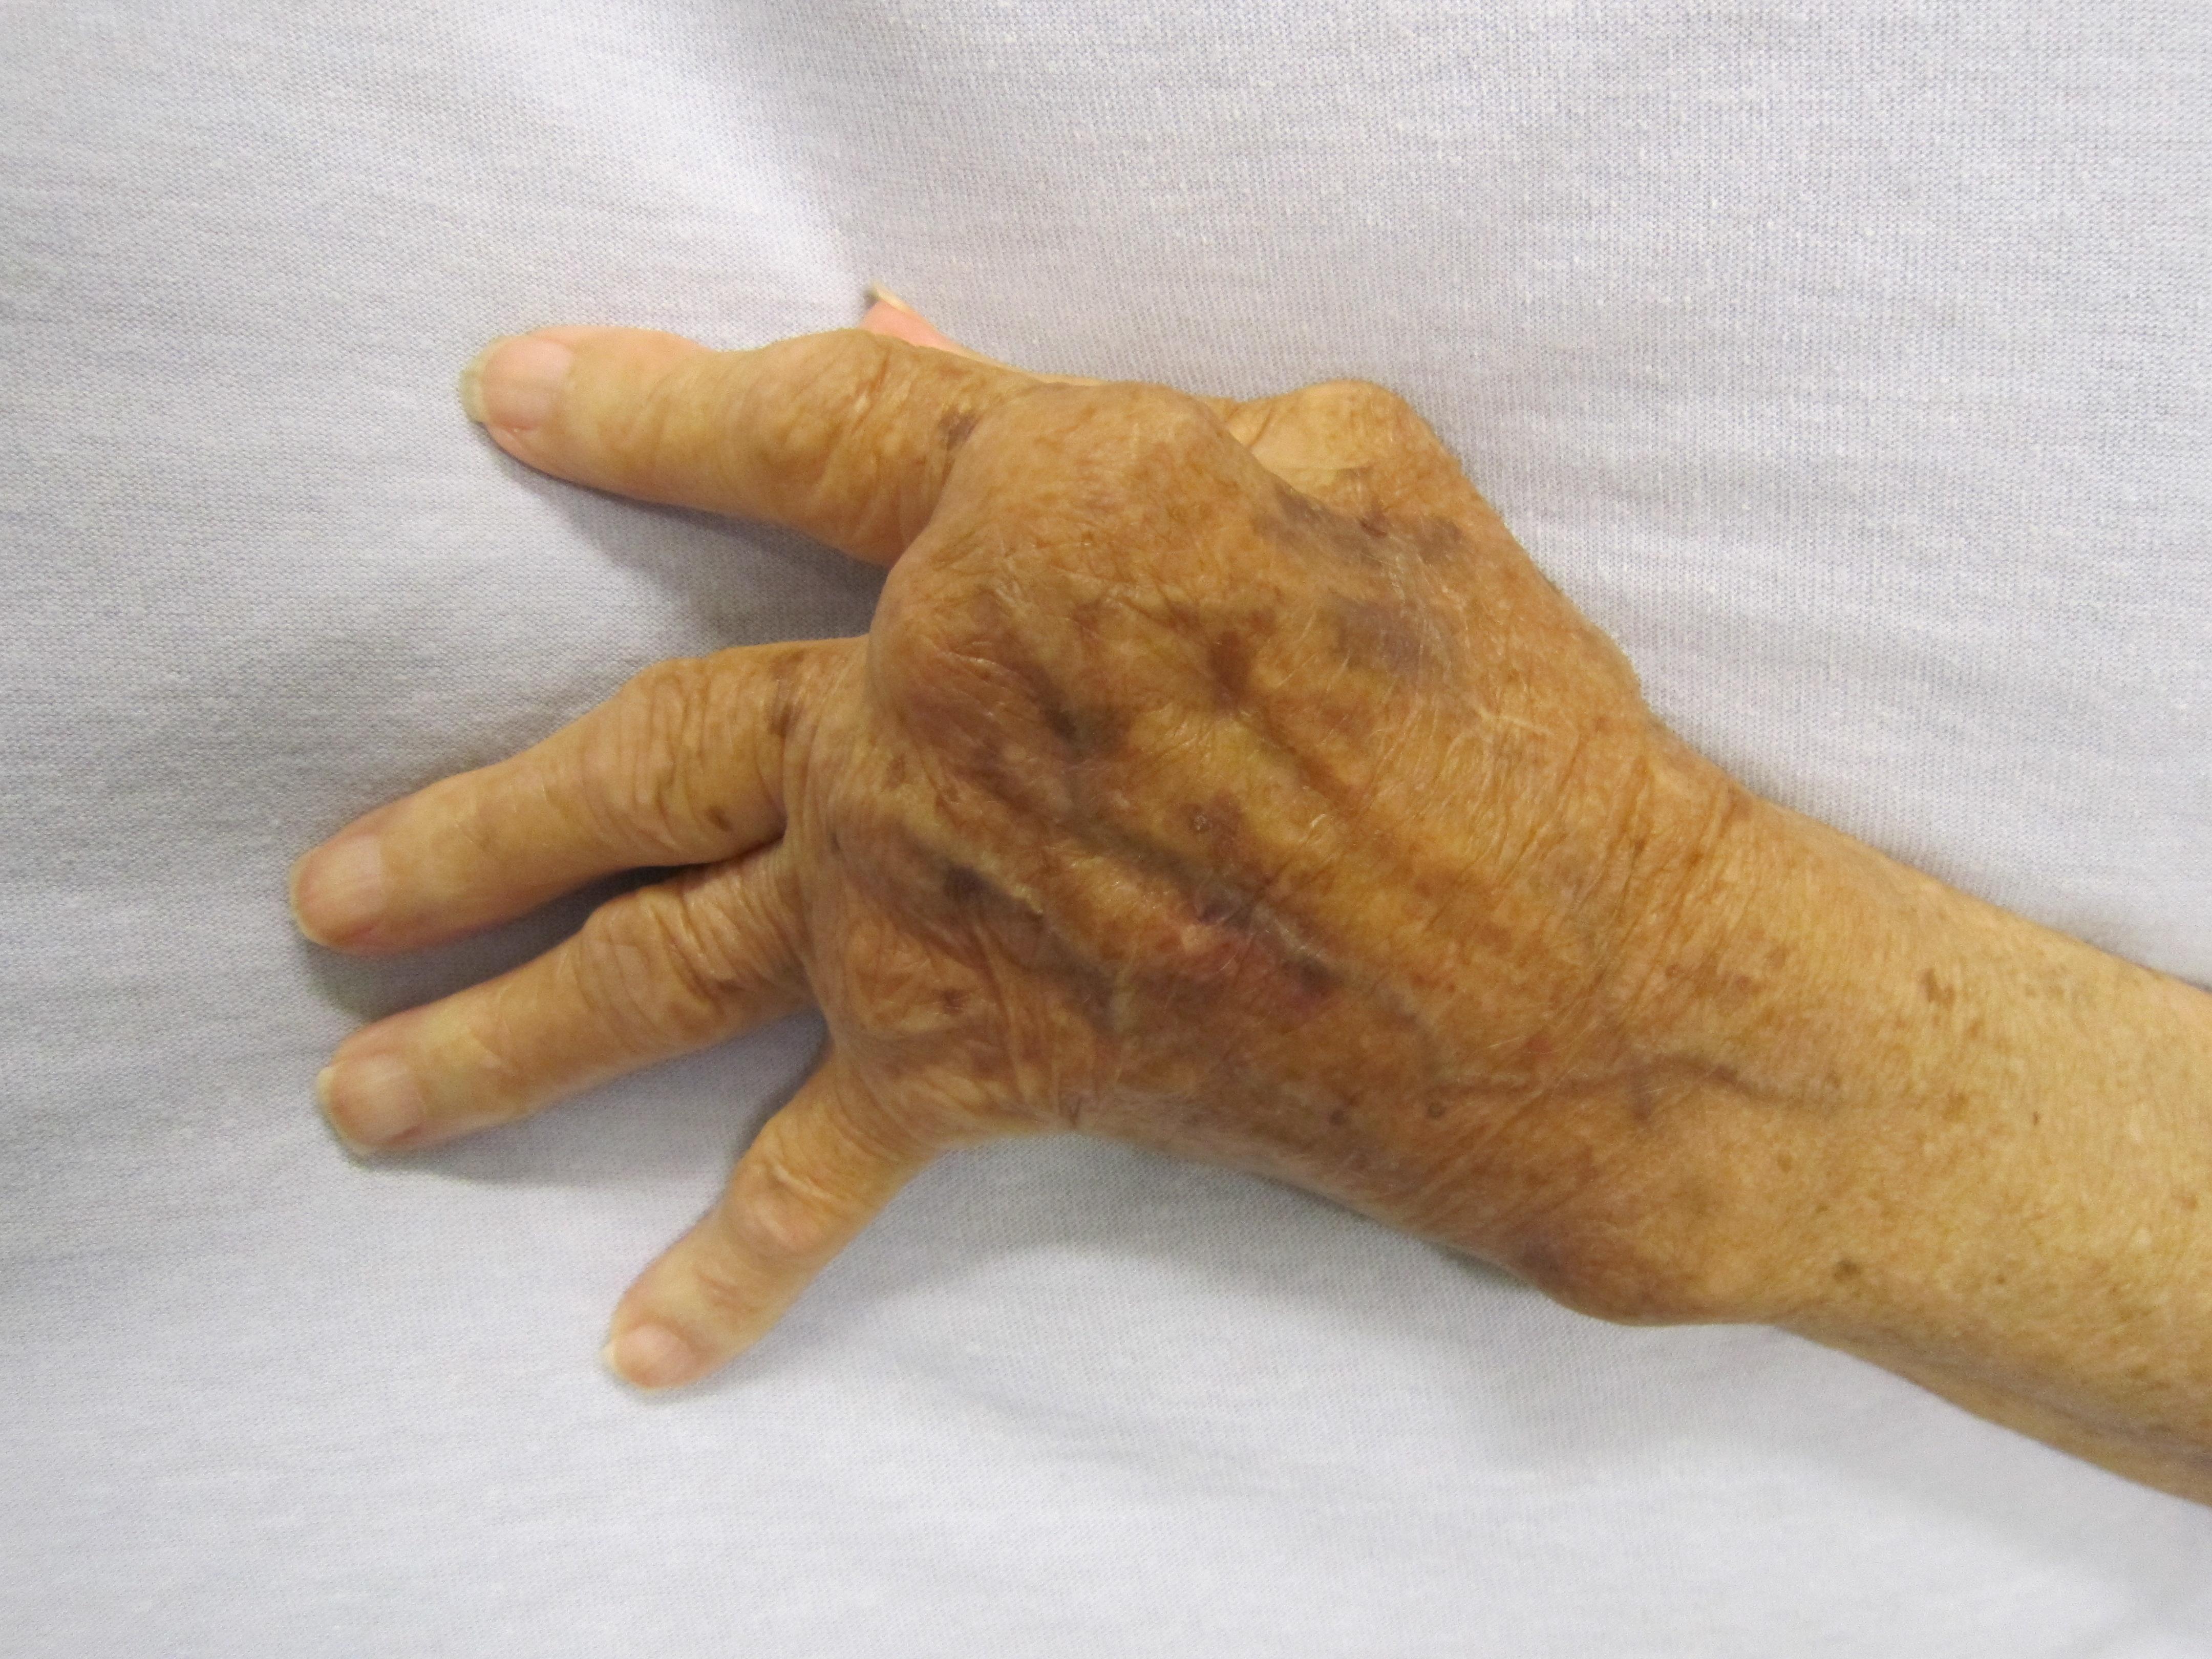 hogyan lehet kezelni az ujjak deformáló artrózisát